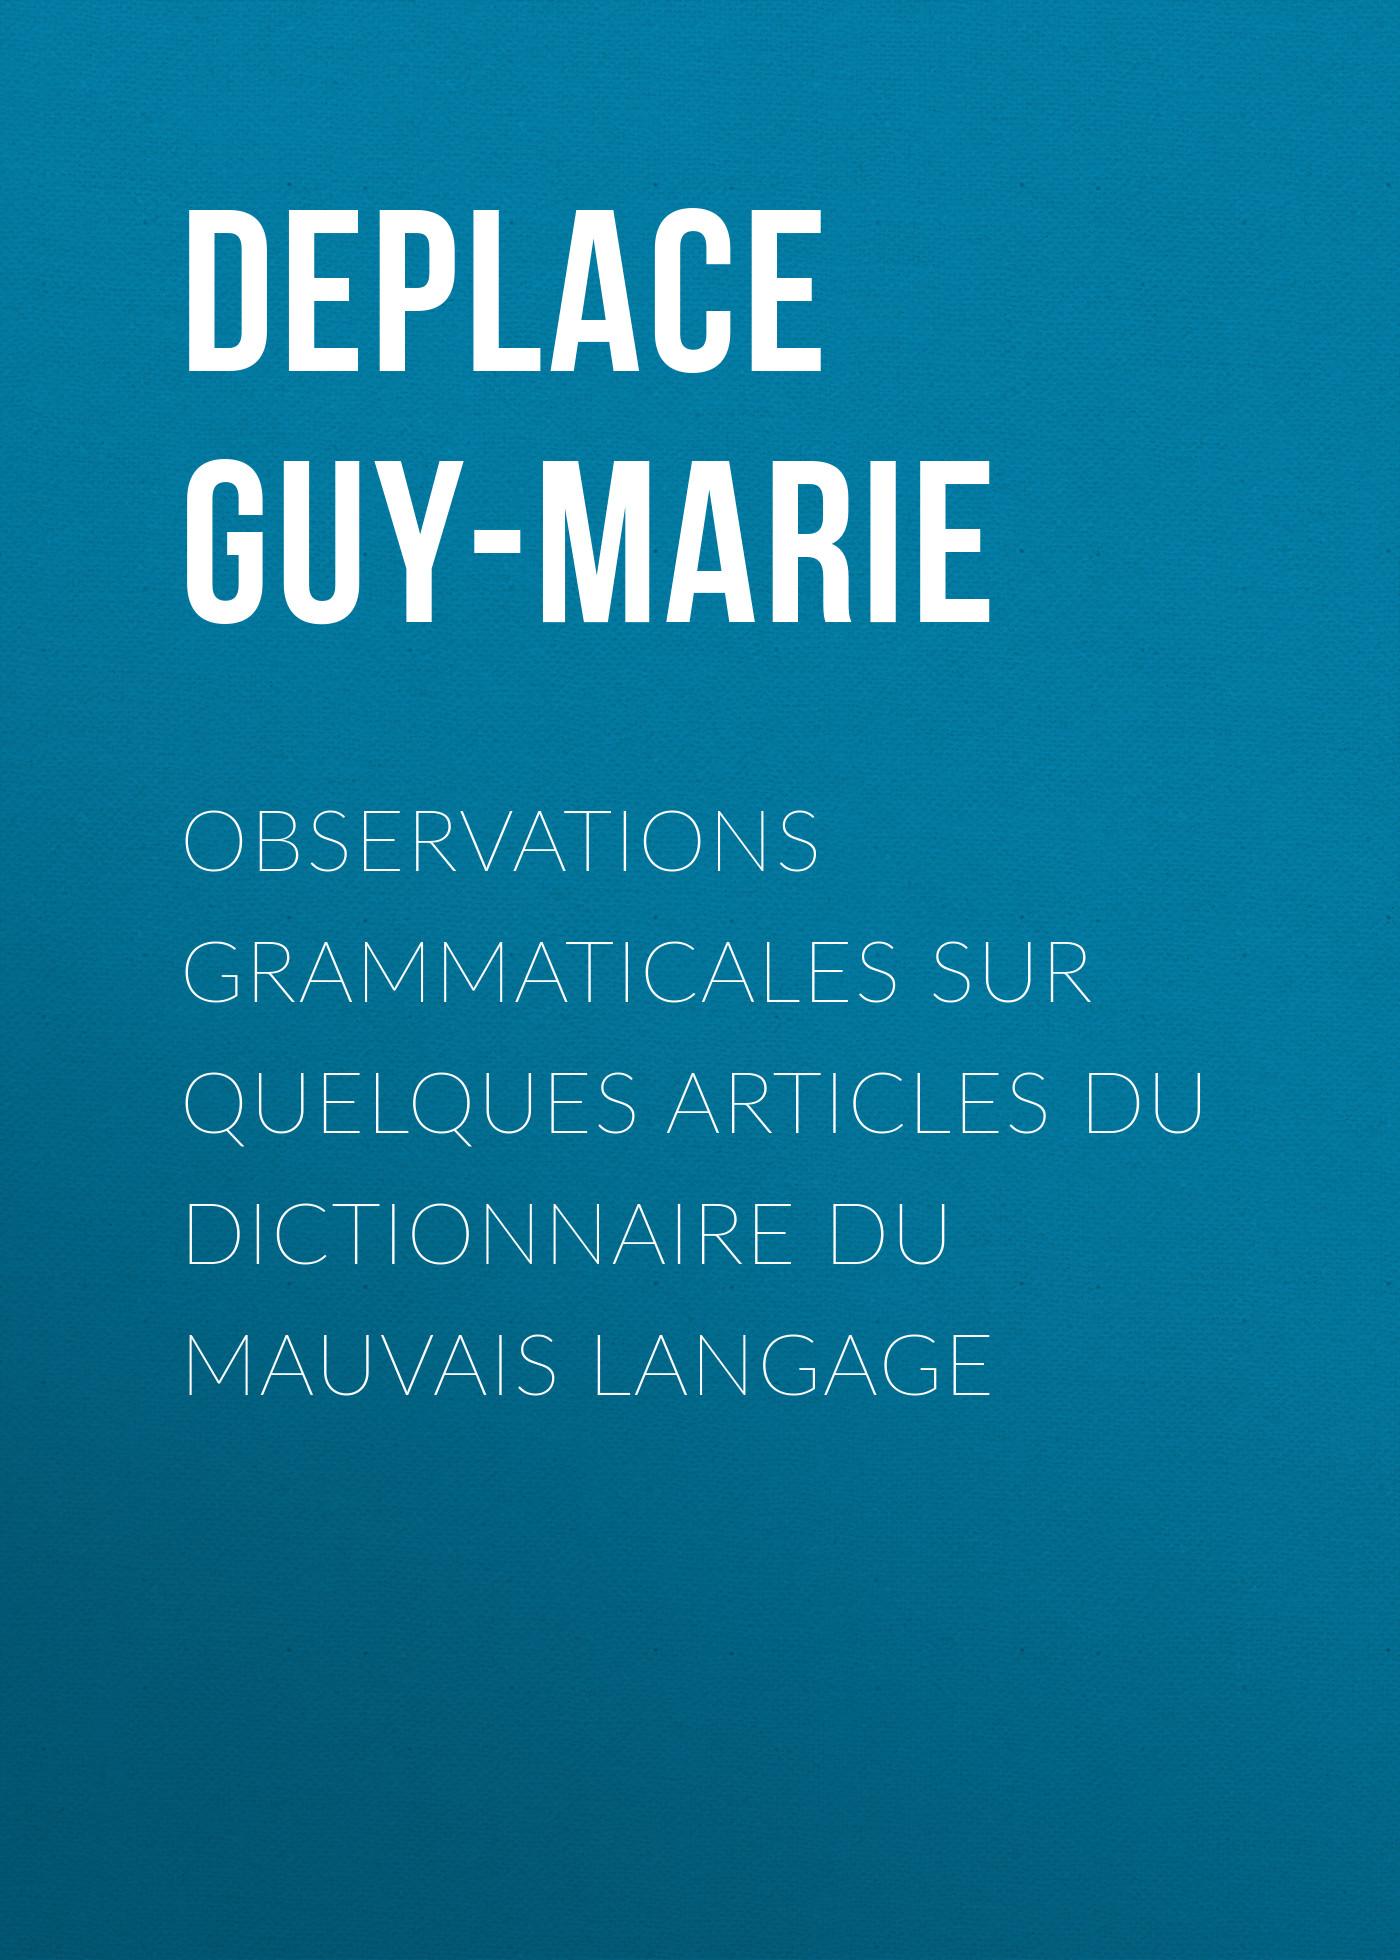 Deplace Guy-Marie Observations grammaticales sur quelques articles du Dictionnaire du mauvais langage